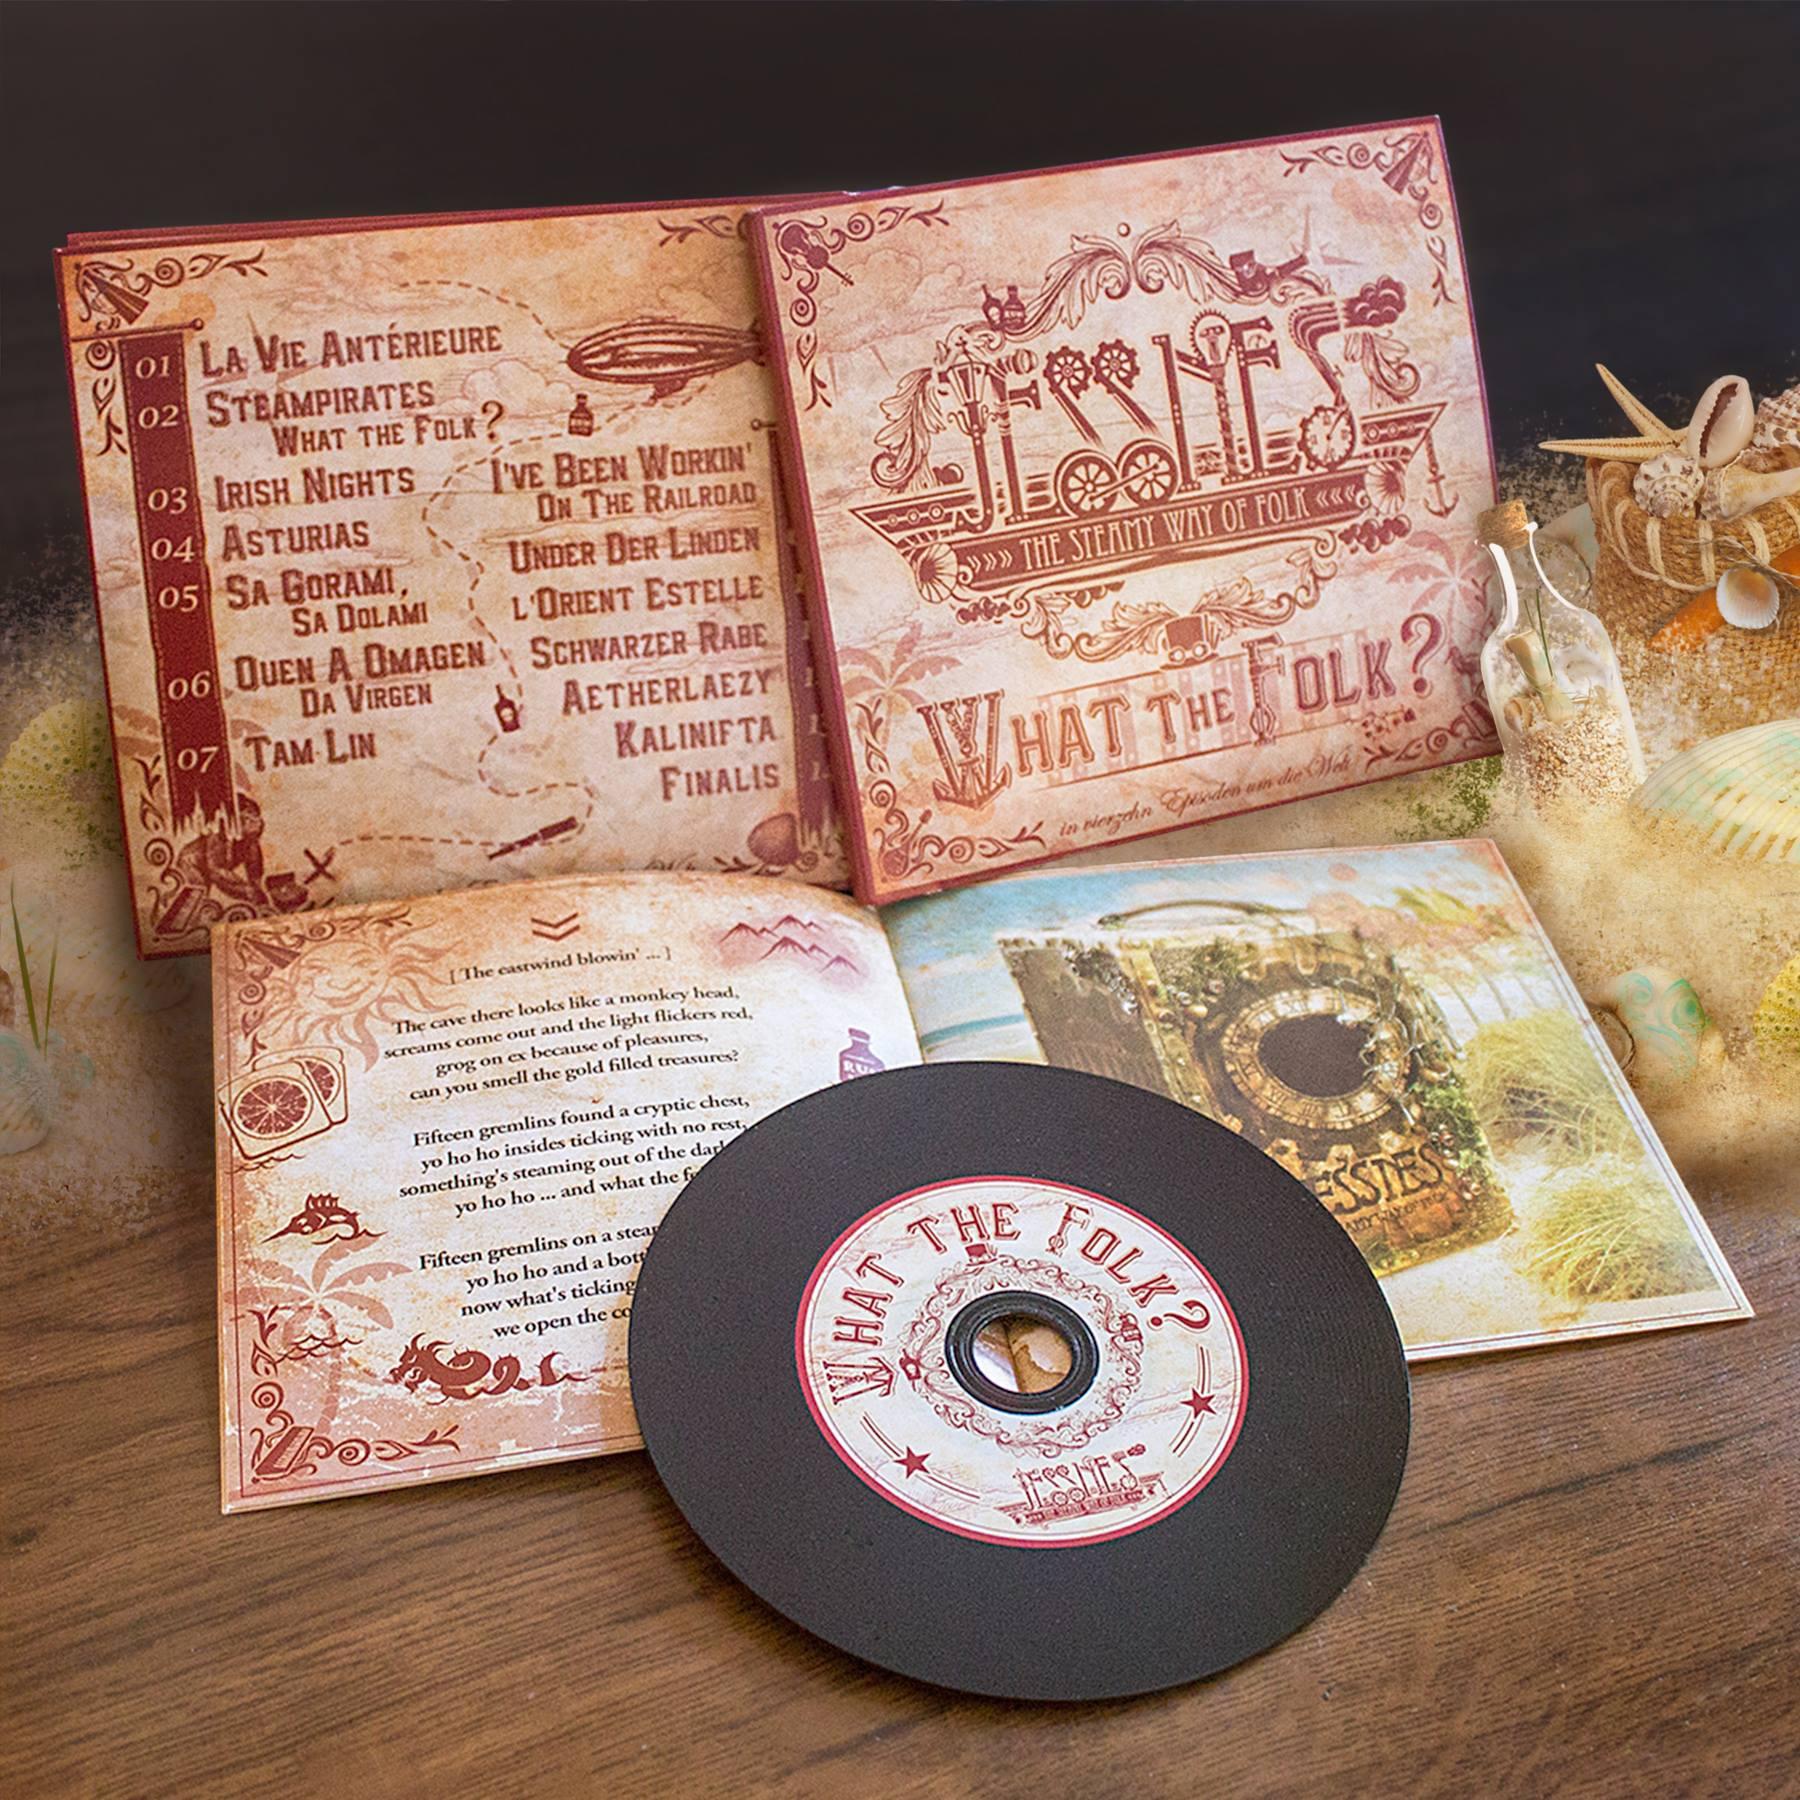 Album (15,-€) + 3,-€ Verpackung & Versand innerhalb Deutschlands